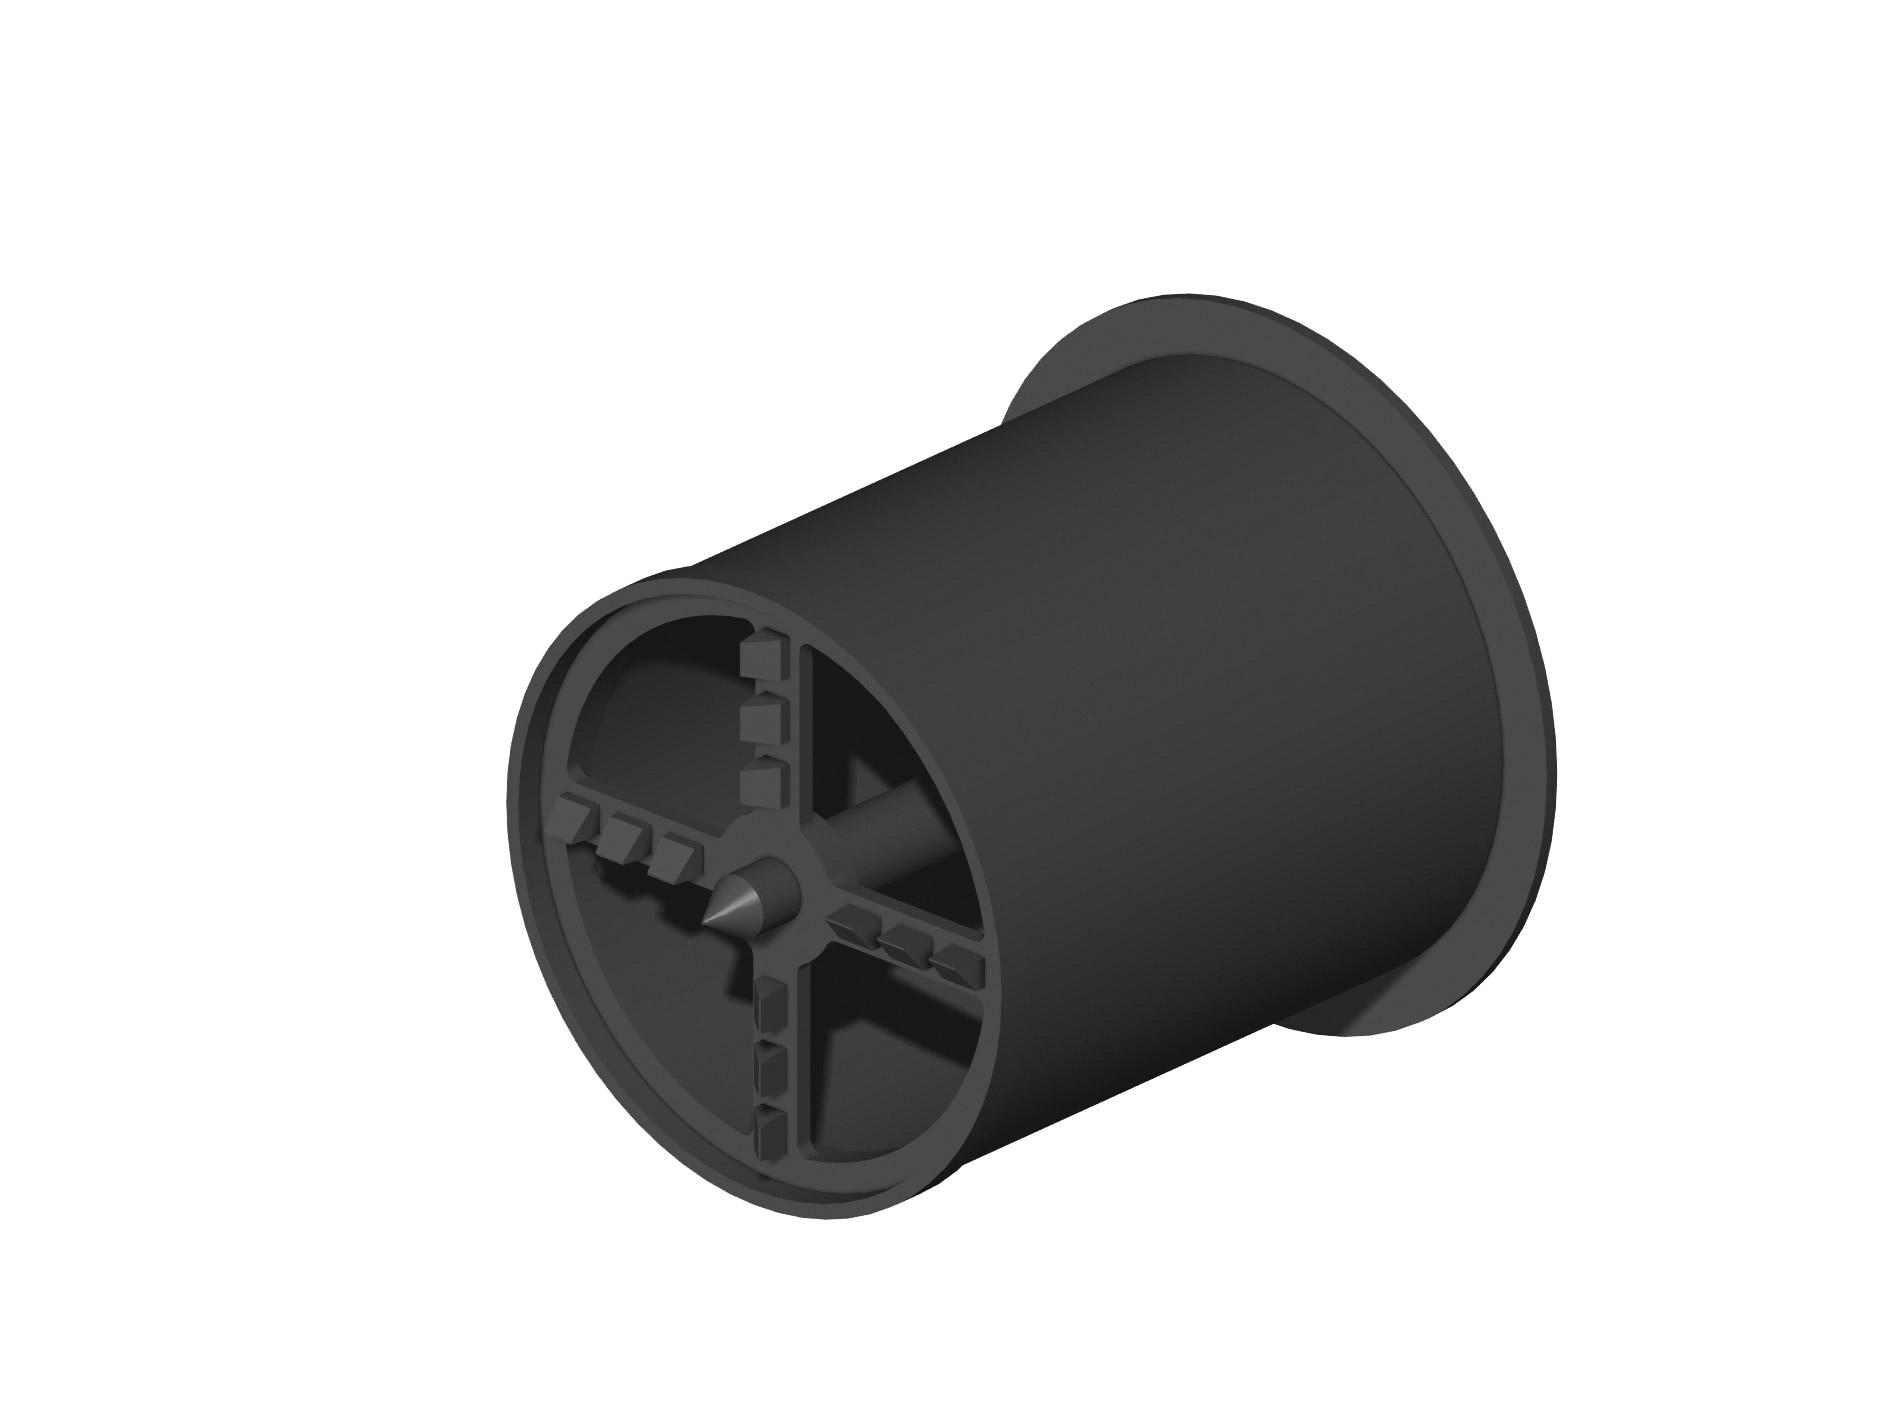 FRESA PER FASSA ZYRILLO: Fresa per rondella cilindrica in EPS